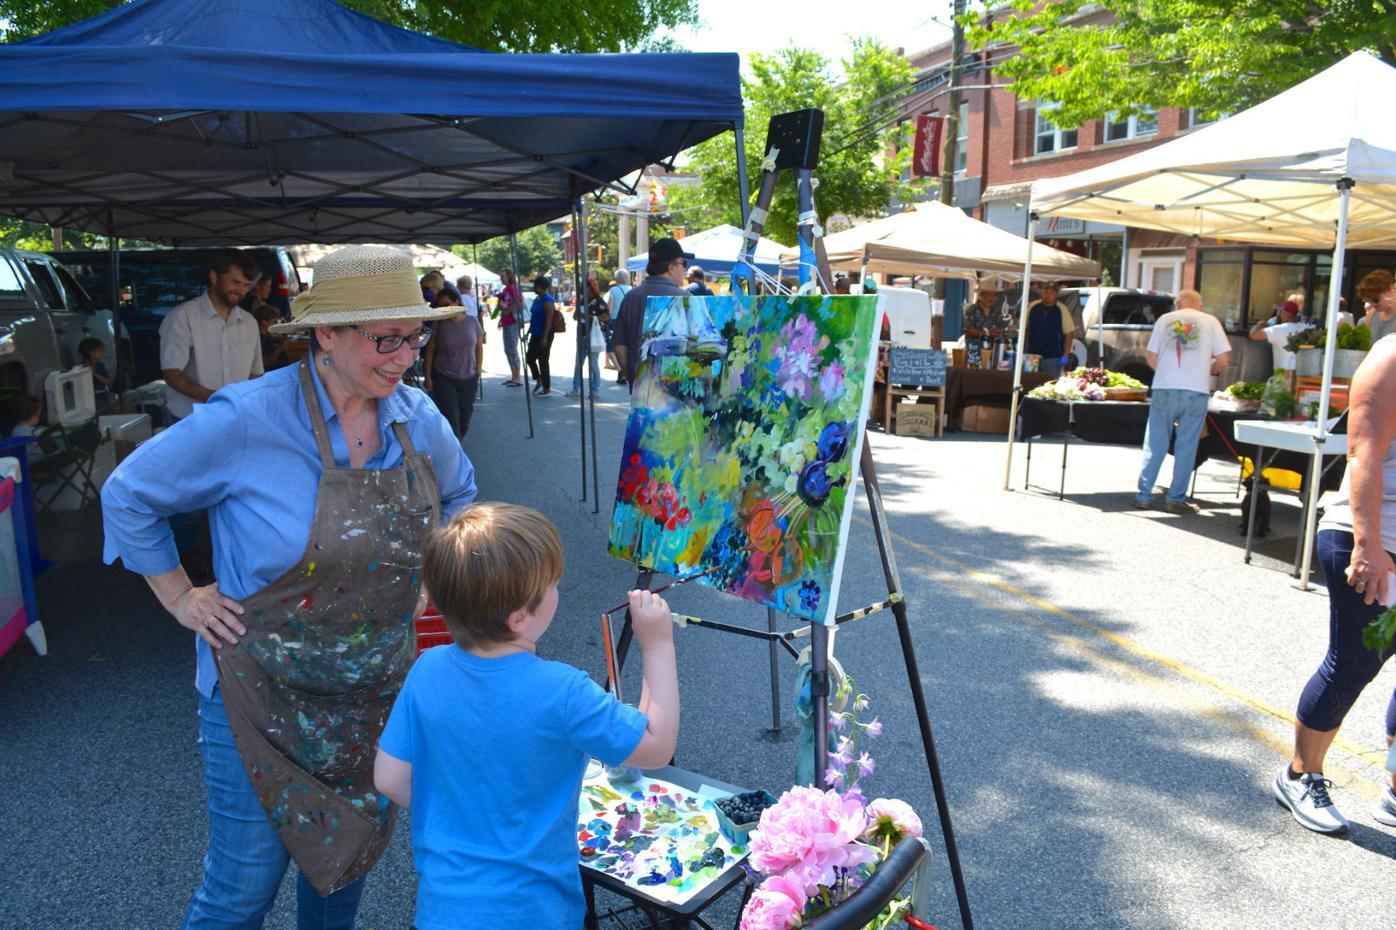 RiverArts hosts Paint the Town Plus